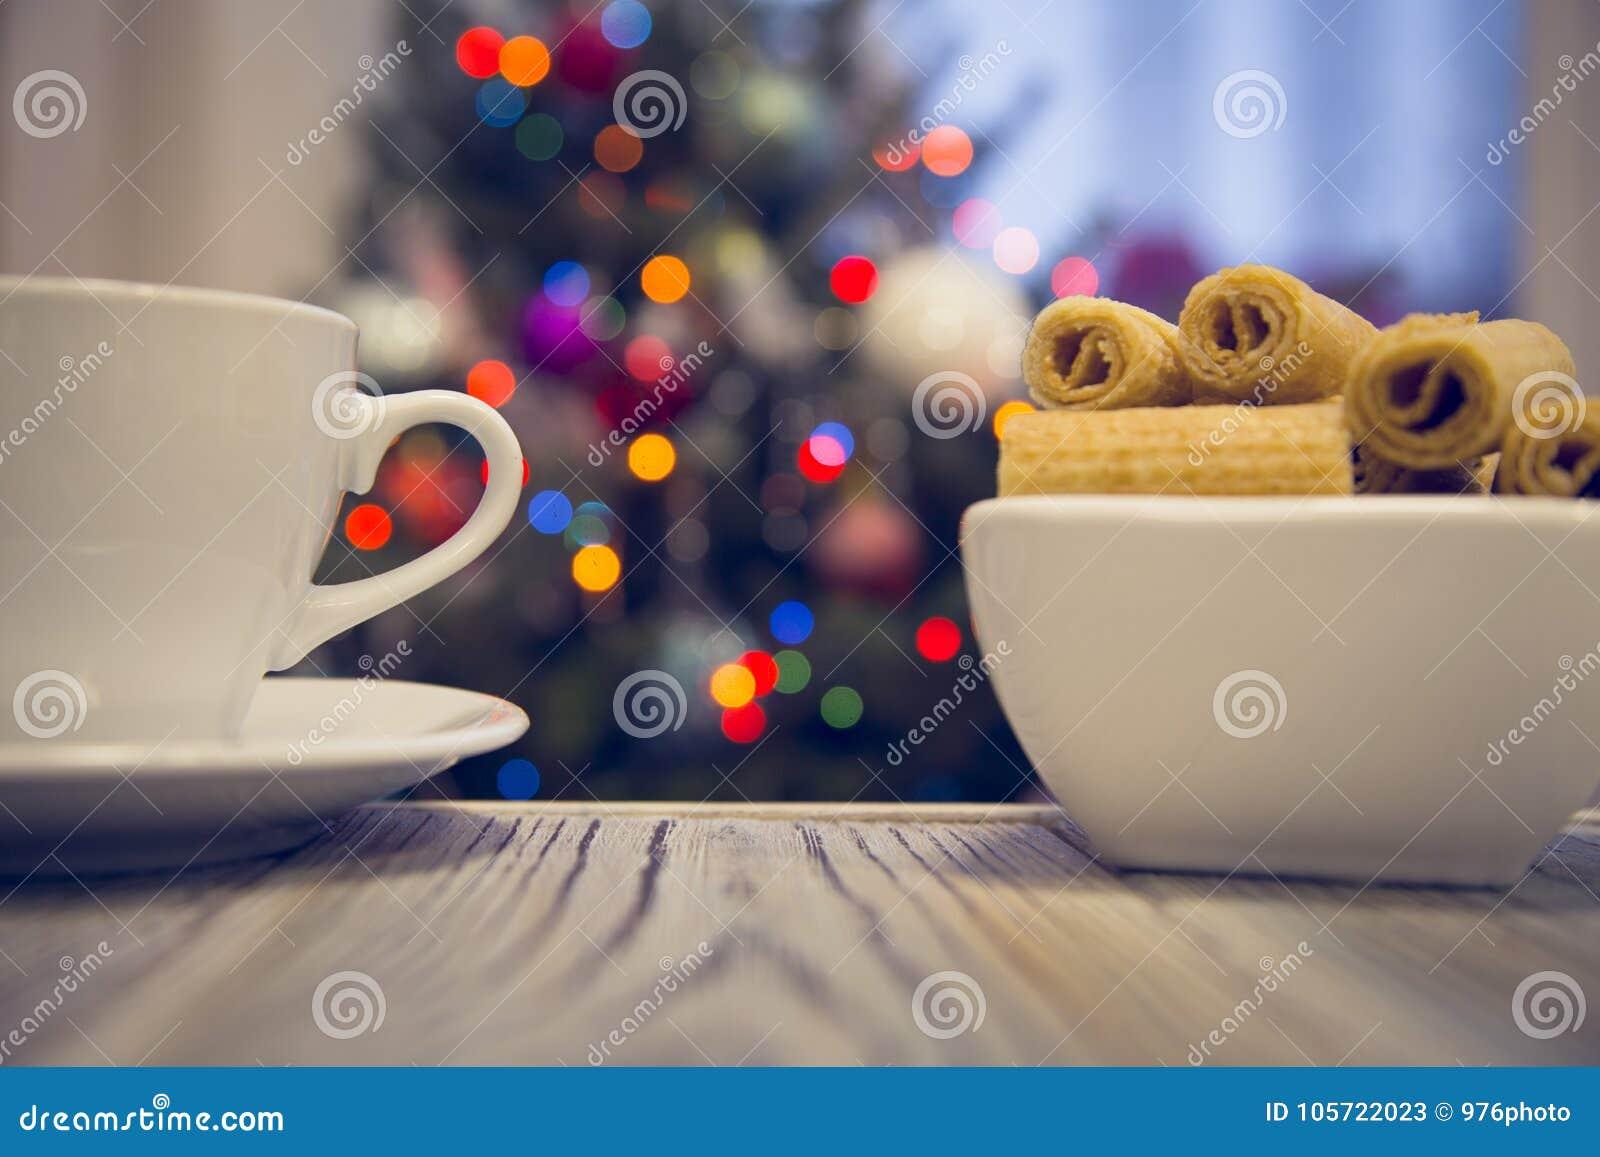 Um copo de chá e uma bacia de cookies em uma tabela de madeira contra a árvore de Natal decorada